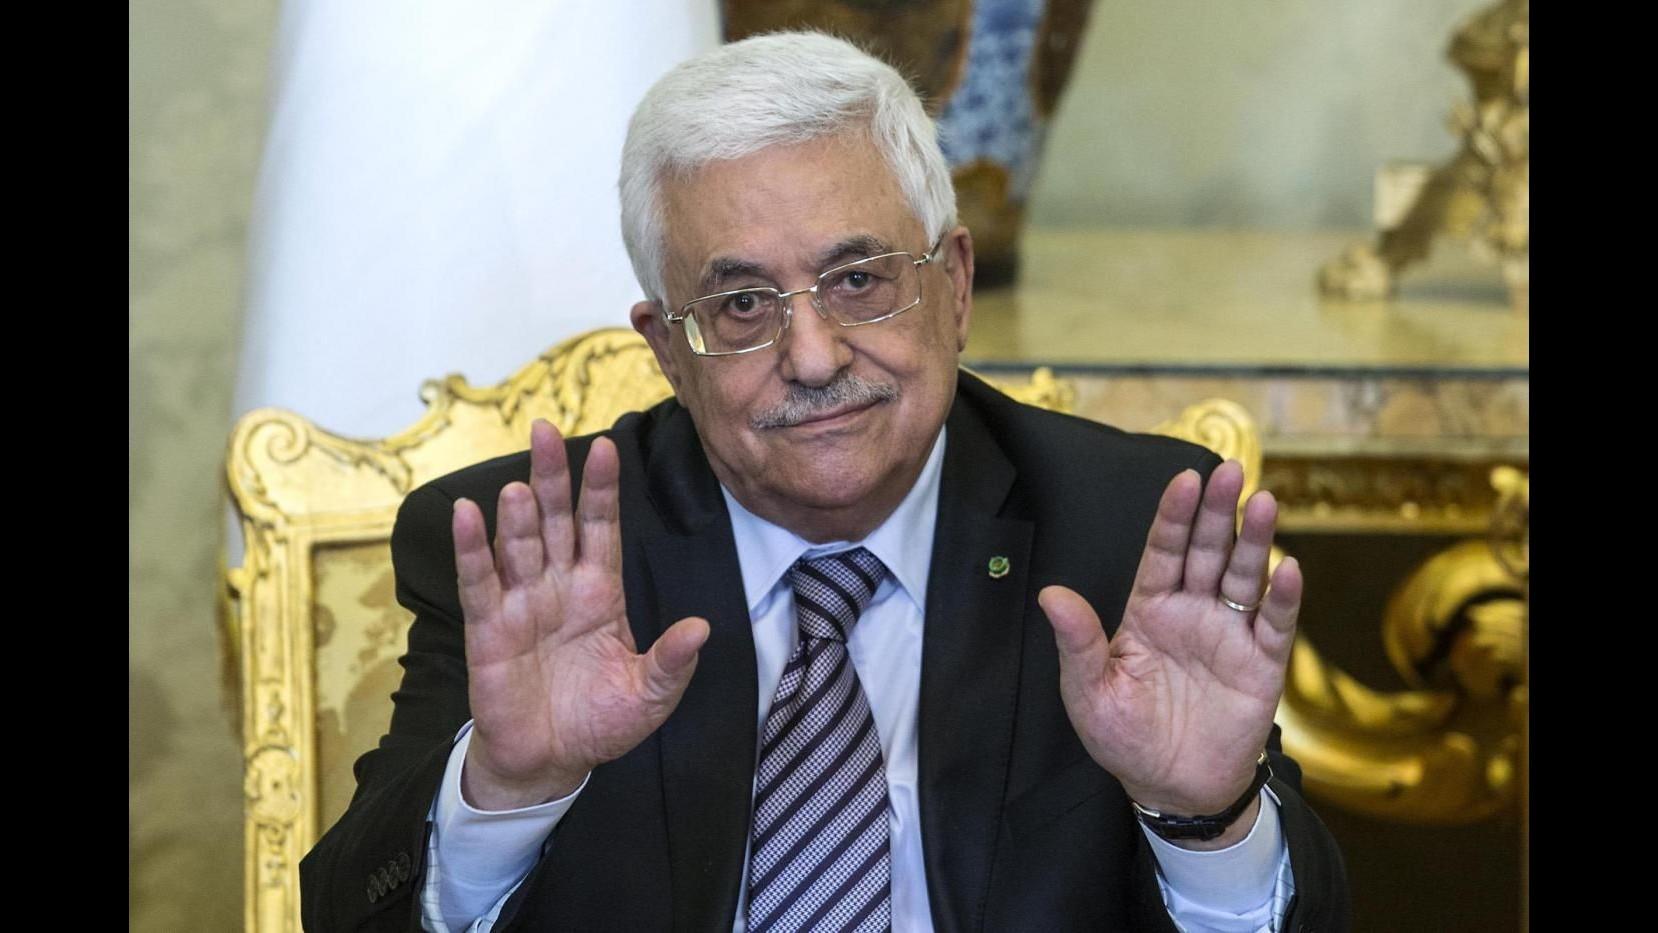 Medioriente, Abbas: Palestinesi siano uniti verso processo di pace